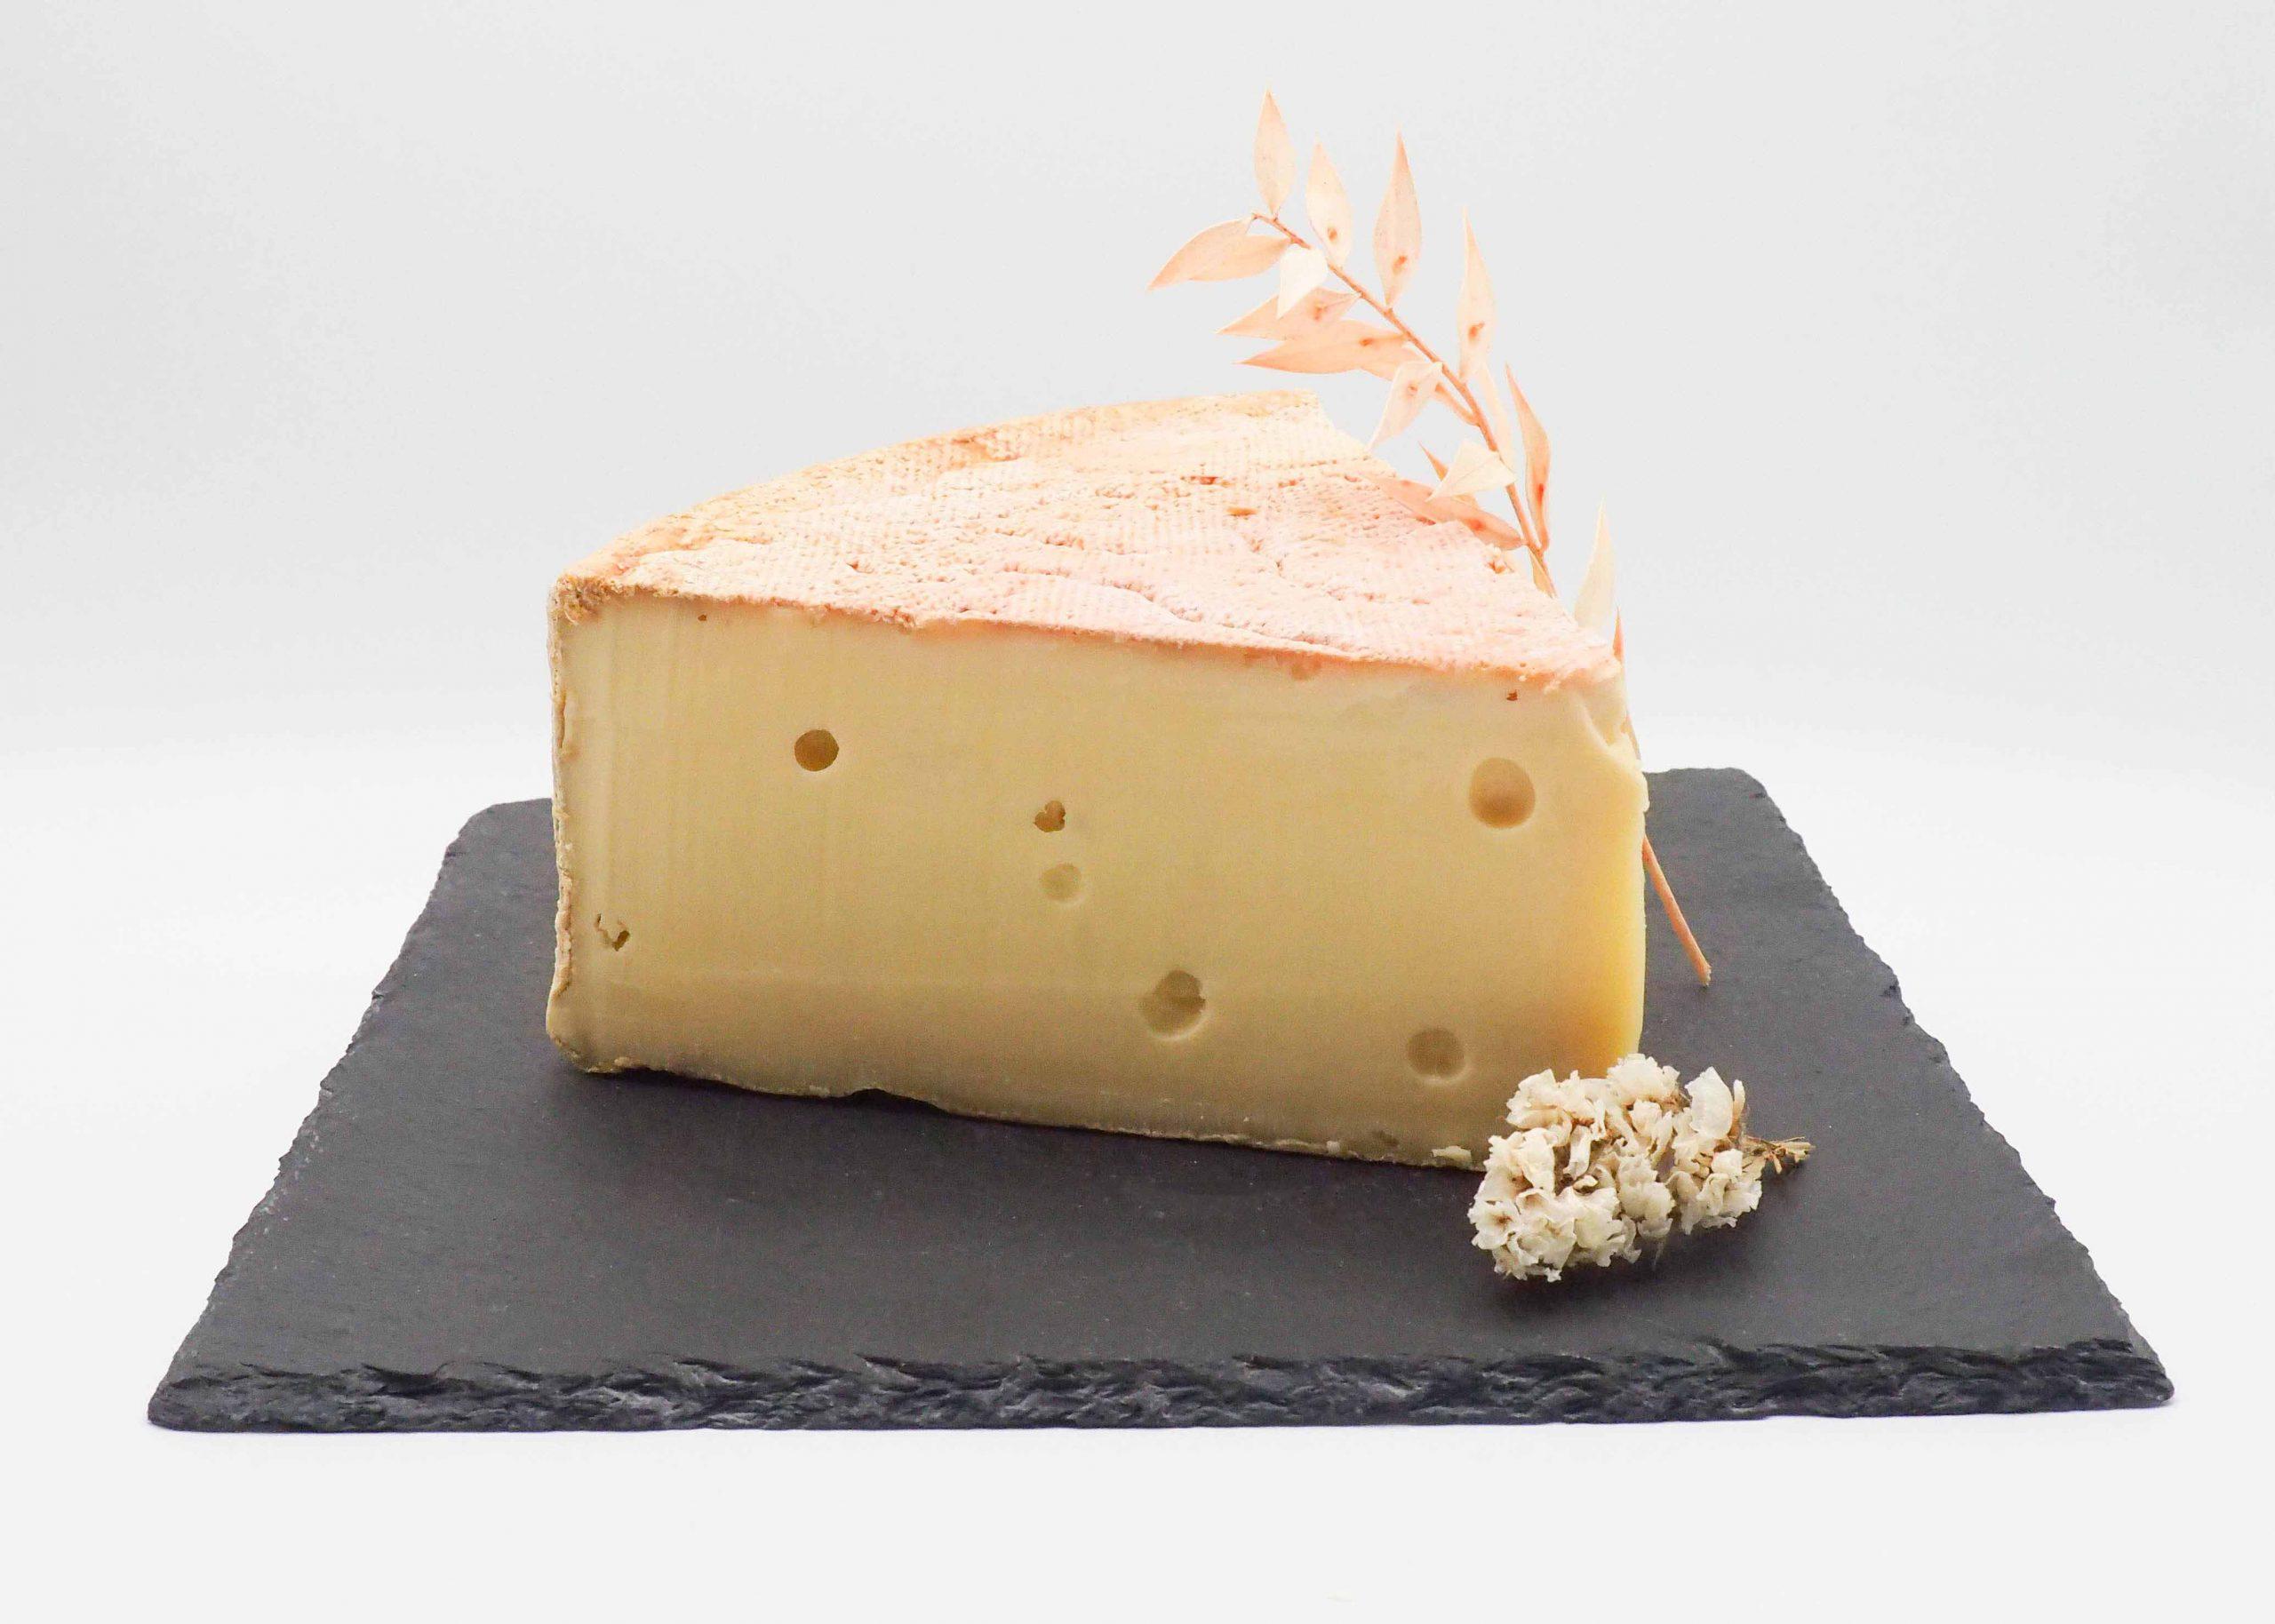 Vente et livraison à domicile de Fromage sur toute la France par artisan Meilleur Ouvrier de France. Fromage Vacherin